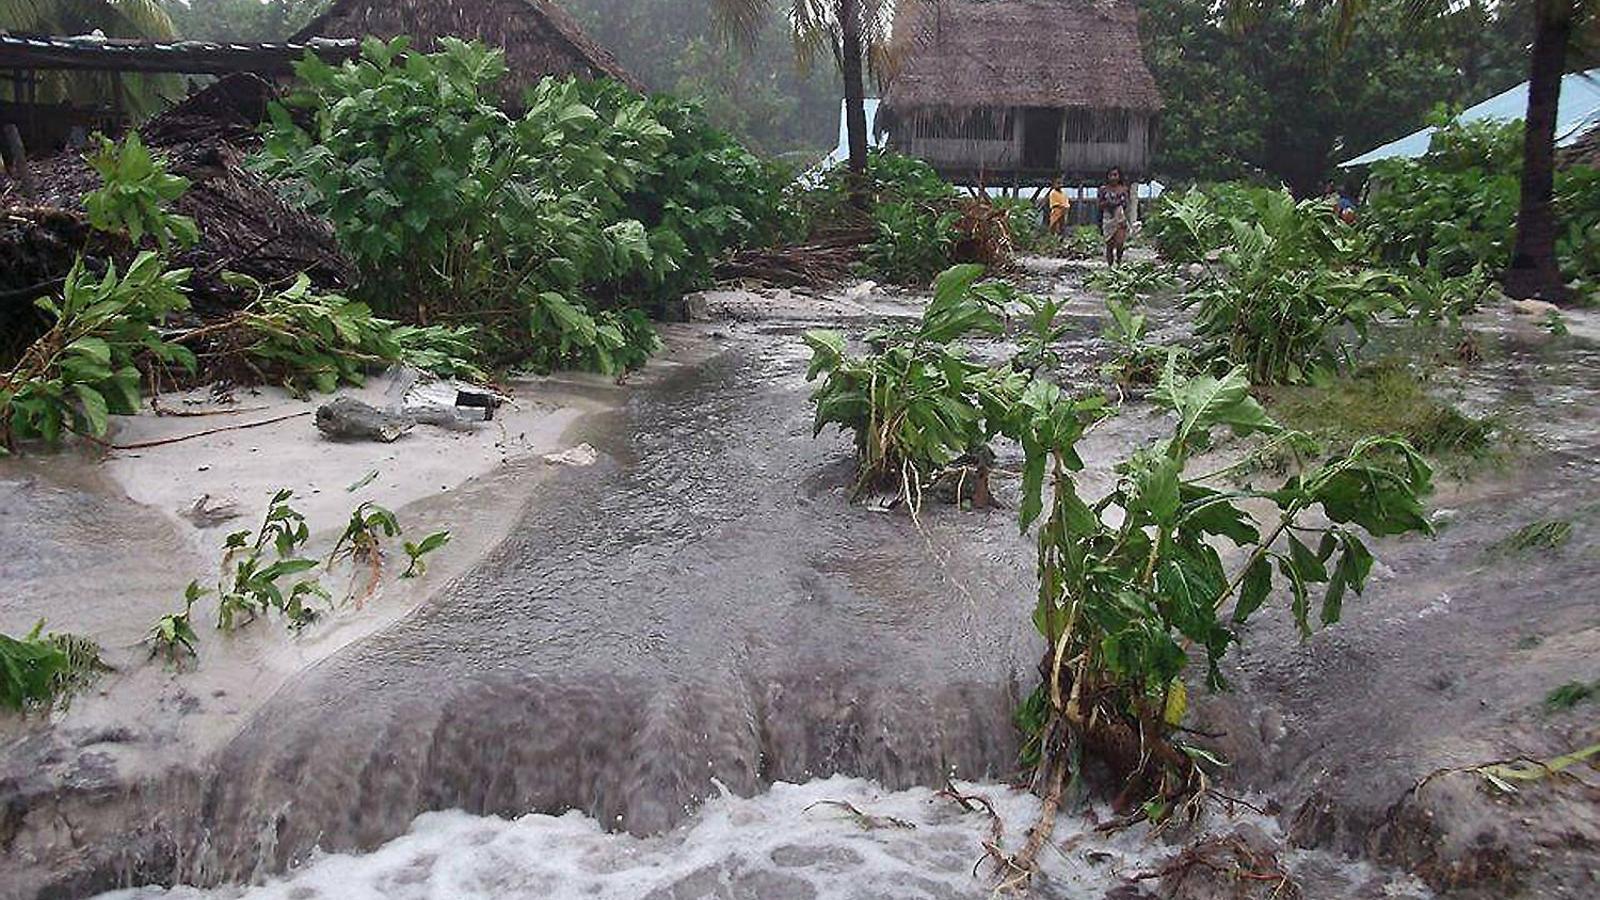 Les marees altes i les inundacions són el pa de cada dia a les illes de Kiribati.